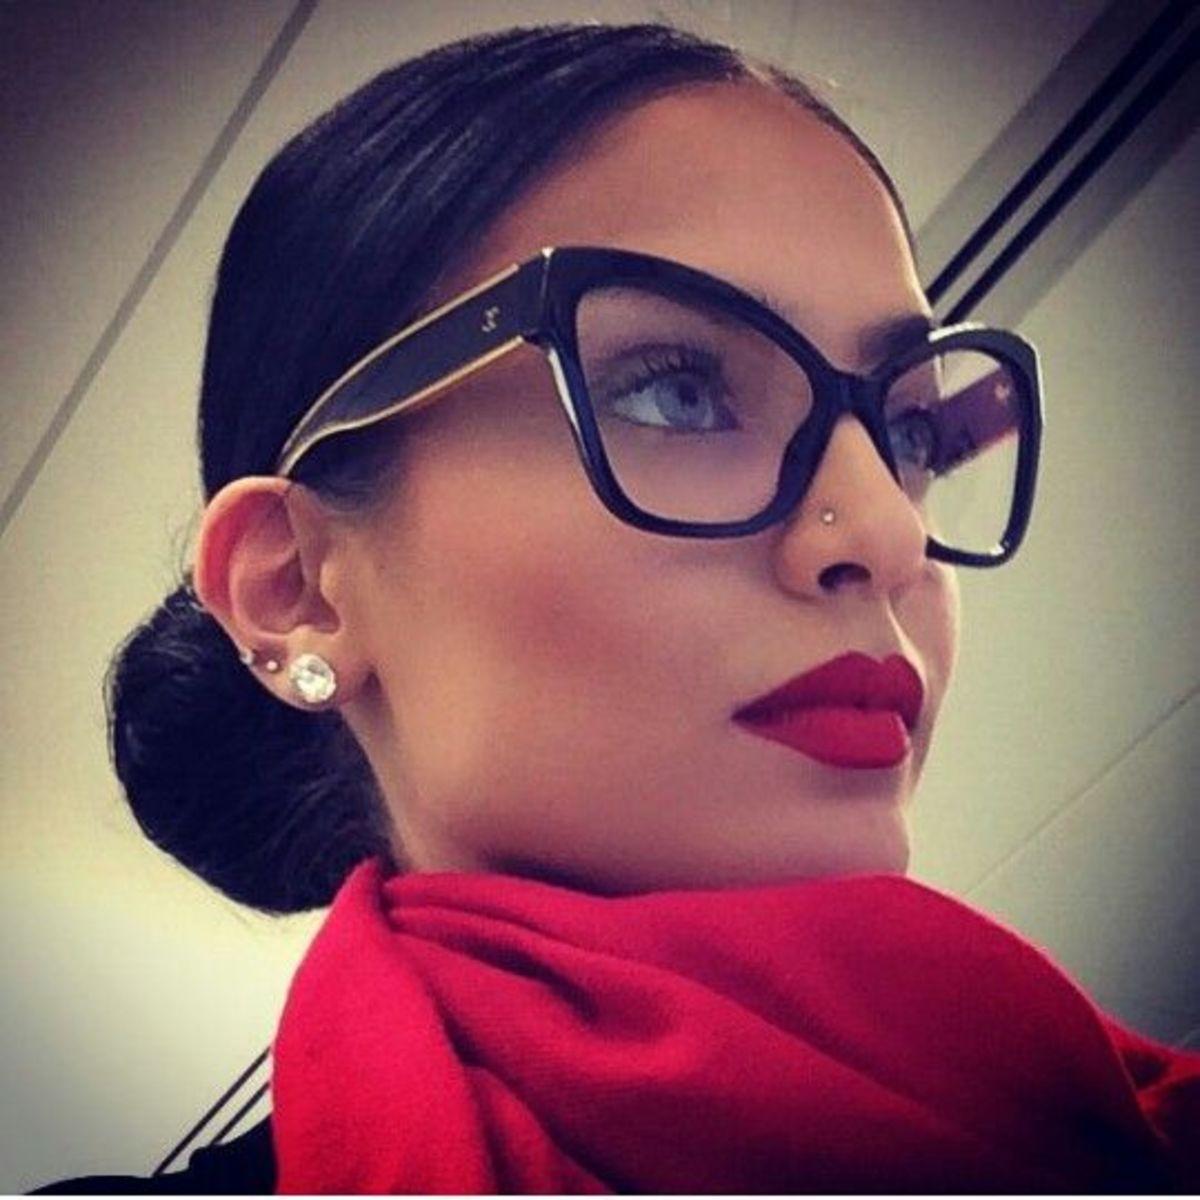 Hot frames for reading glasses for women